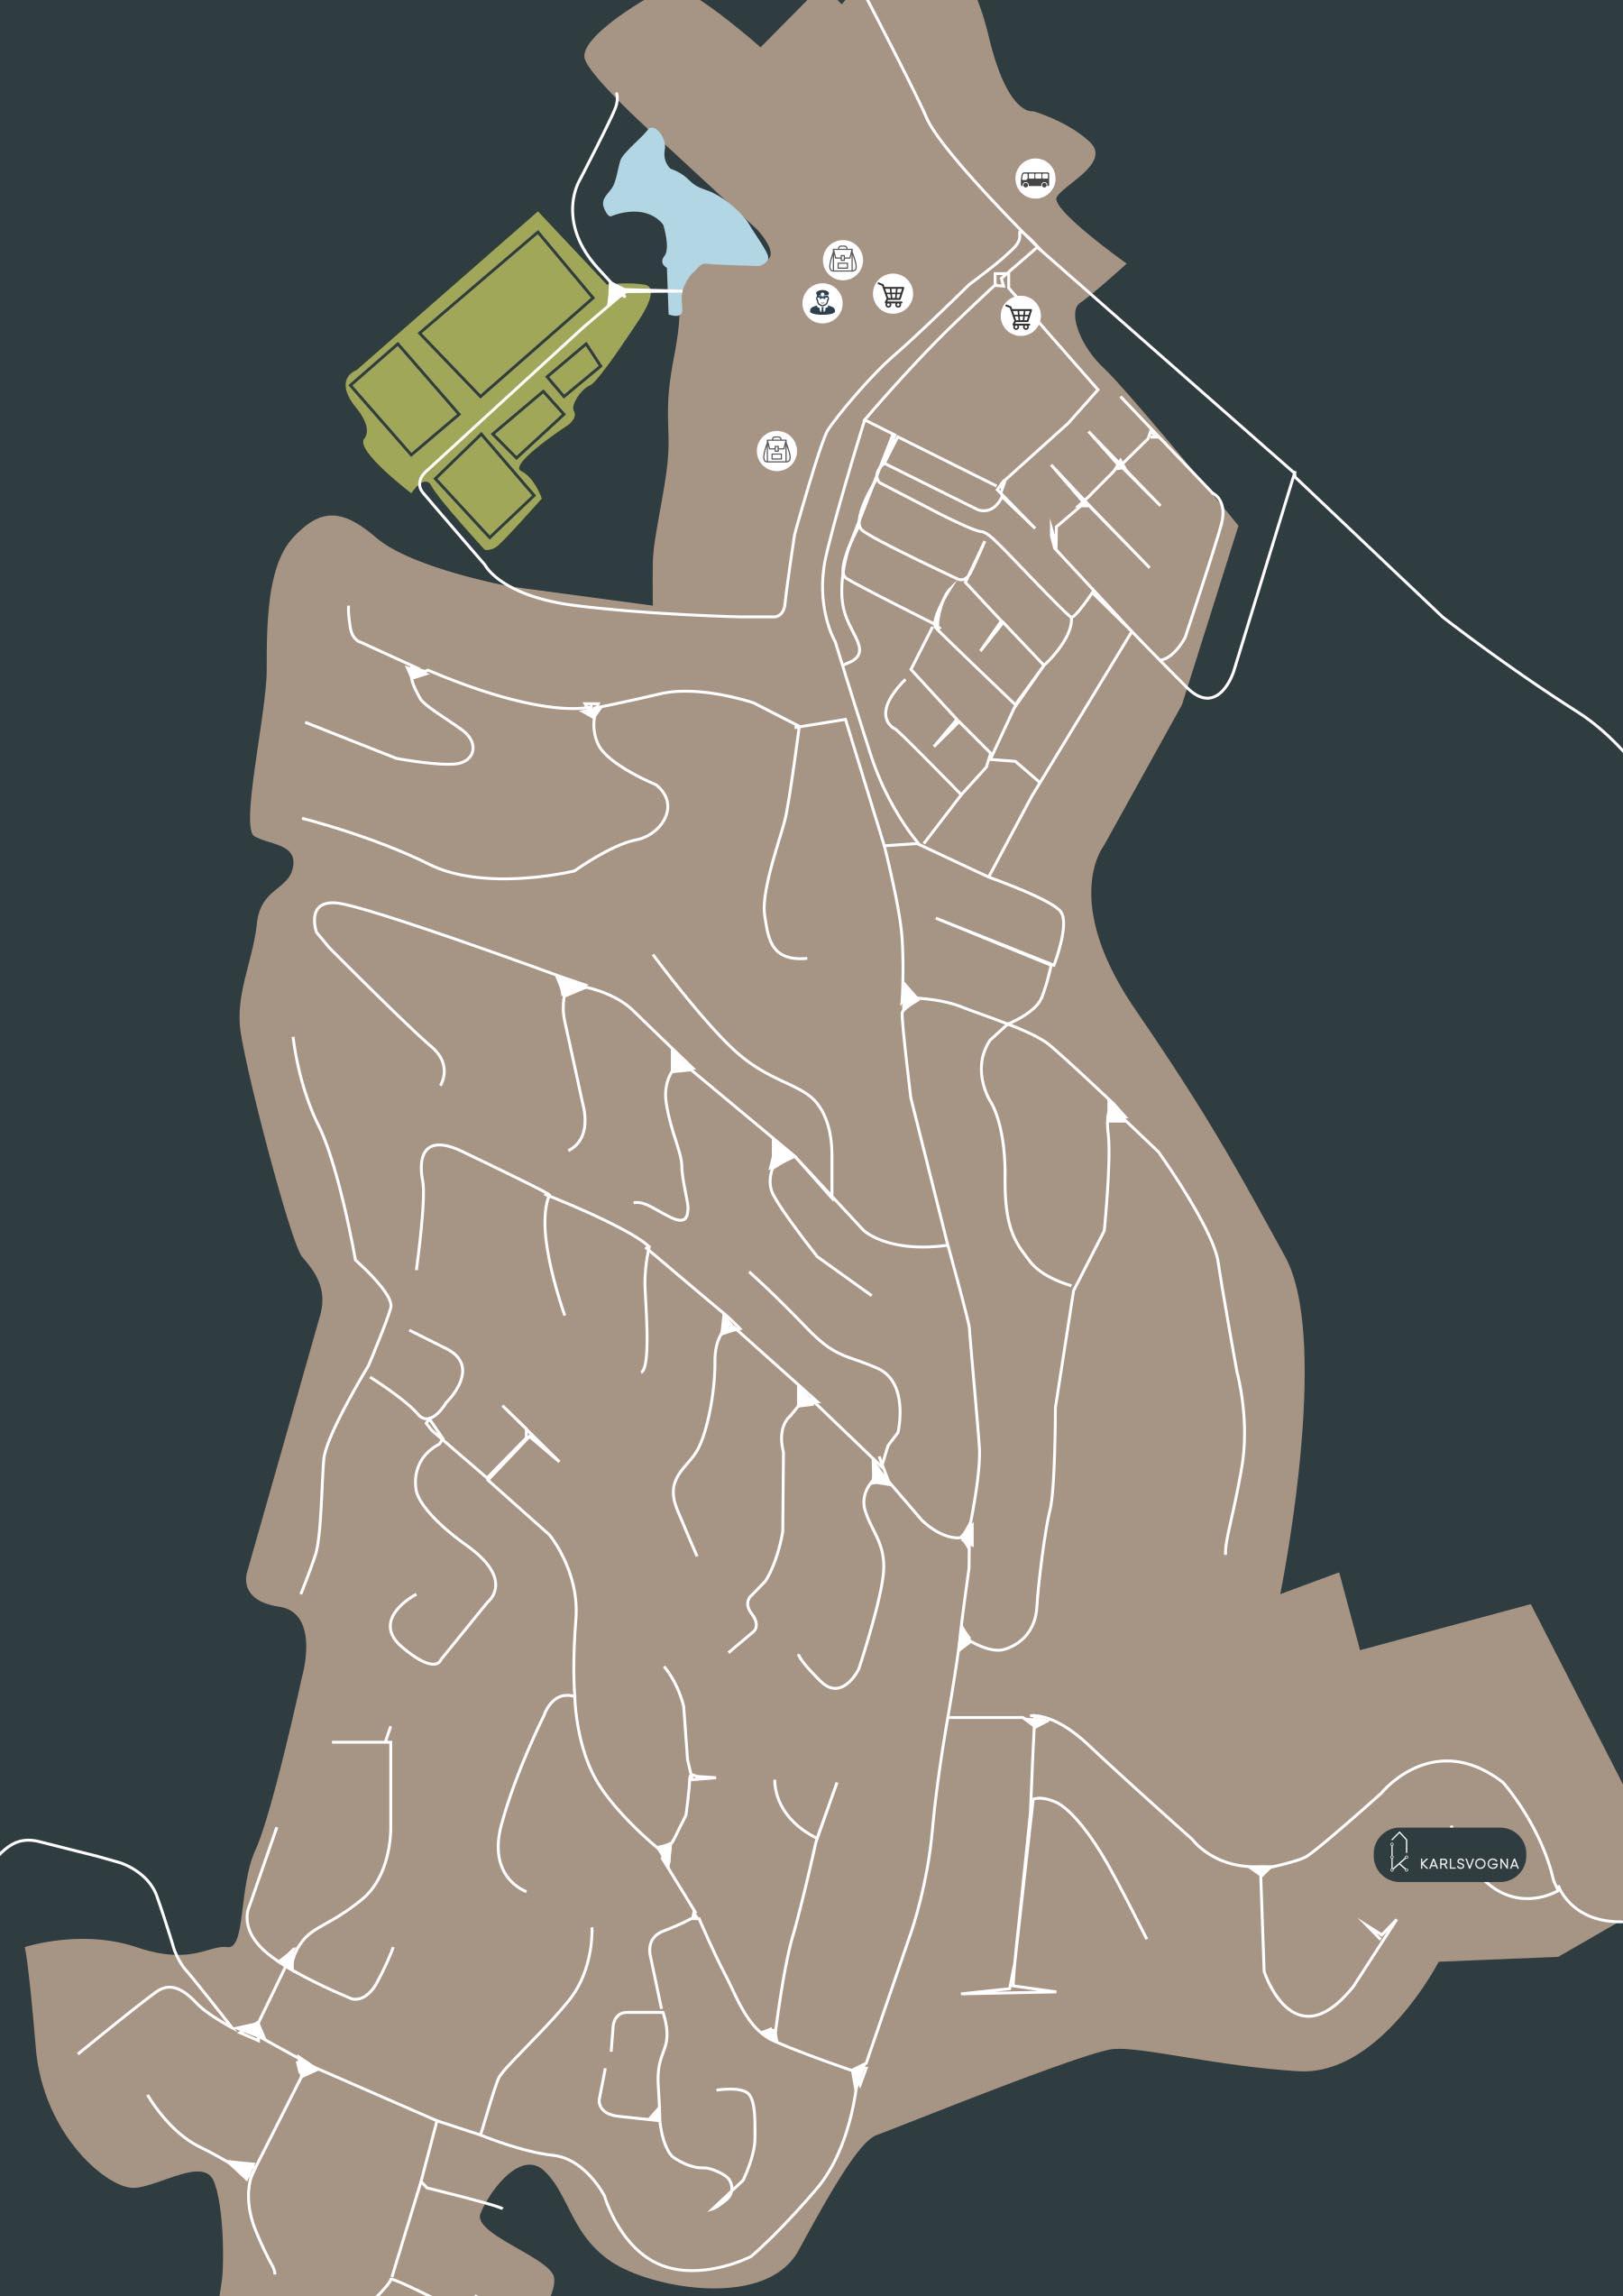 kar_map.jpg